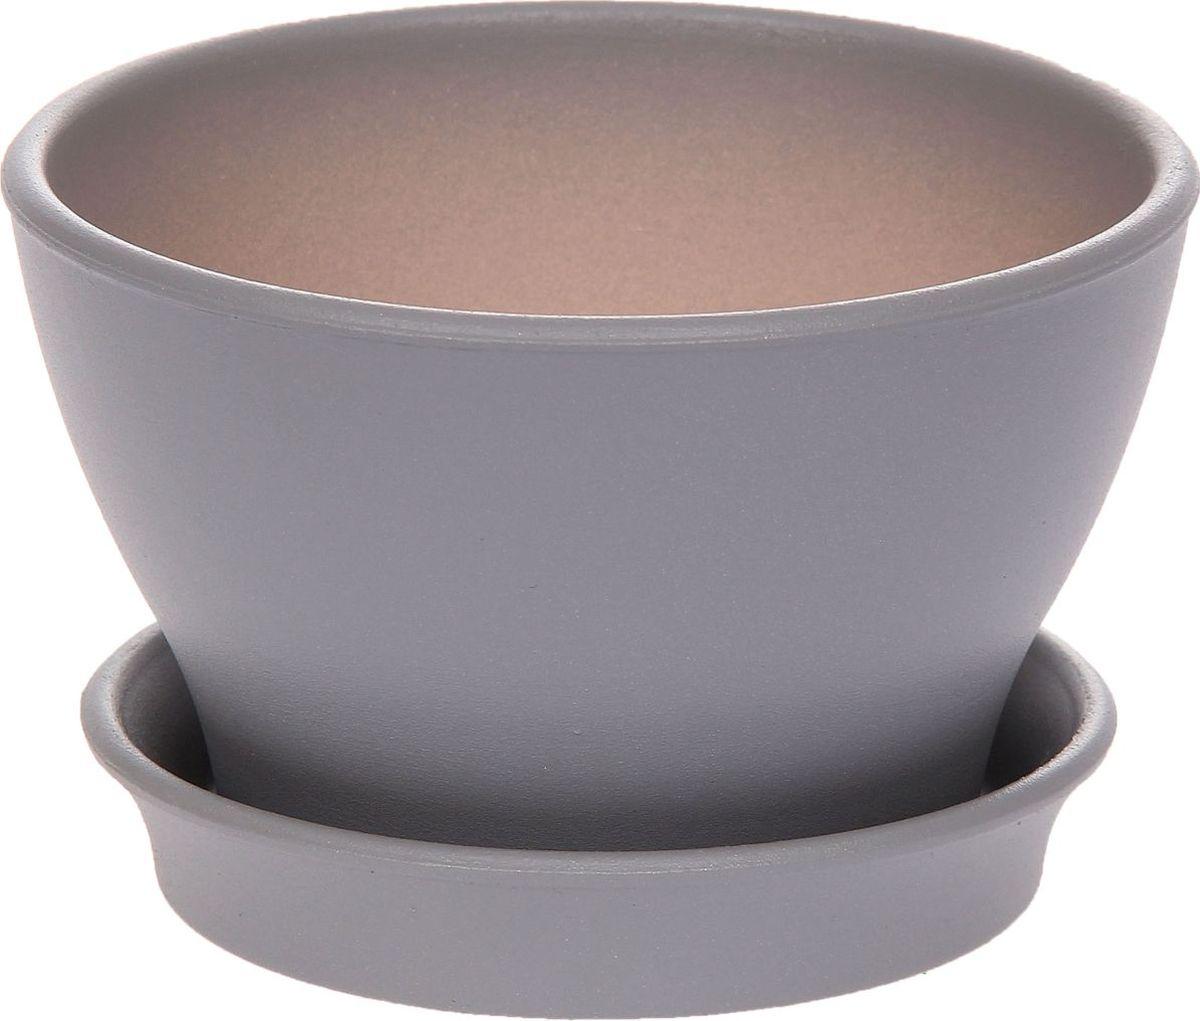 Кашпо Керамика ручной работы Ксения, цвет: серый, 0,5 л1134126Декоративное кашпо, выполненное из высококачественной керамики, предназначено для посадки декоративных растений и станет прекрасным украшением для дома. Пористый материал позволяет испаряться лишней влаге, а воздух, необходимый для дыхания корней, проникает сквозь керамические стенки. Такое кашпо украсит окружающее пространство и подчеркнет его оригинальный стиль.